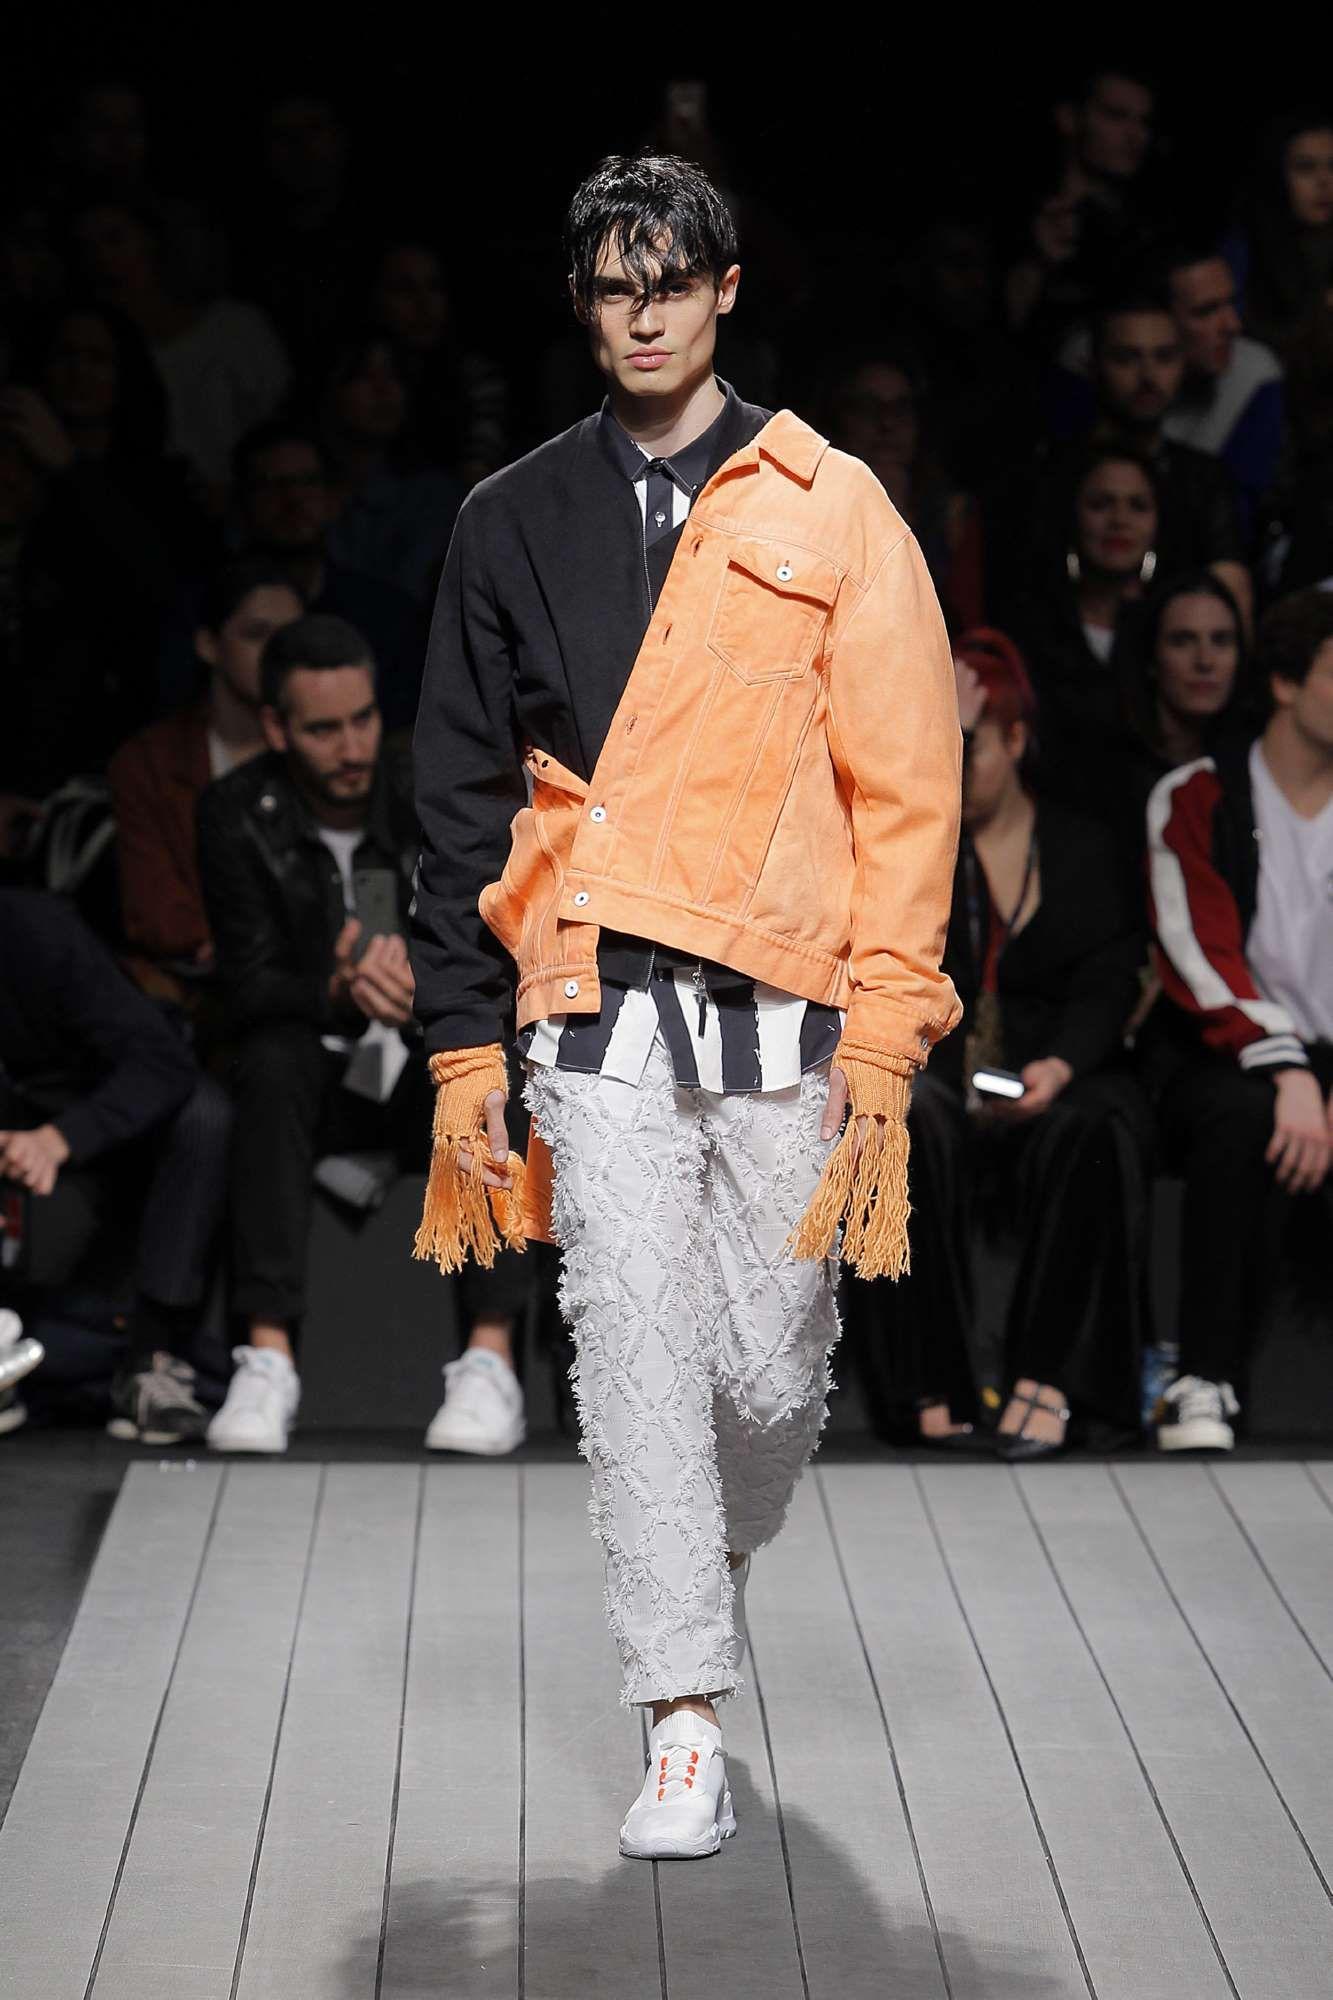 Ricardo Andrez FallWinter 201920 Moda Lisboa Male